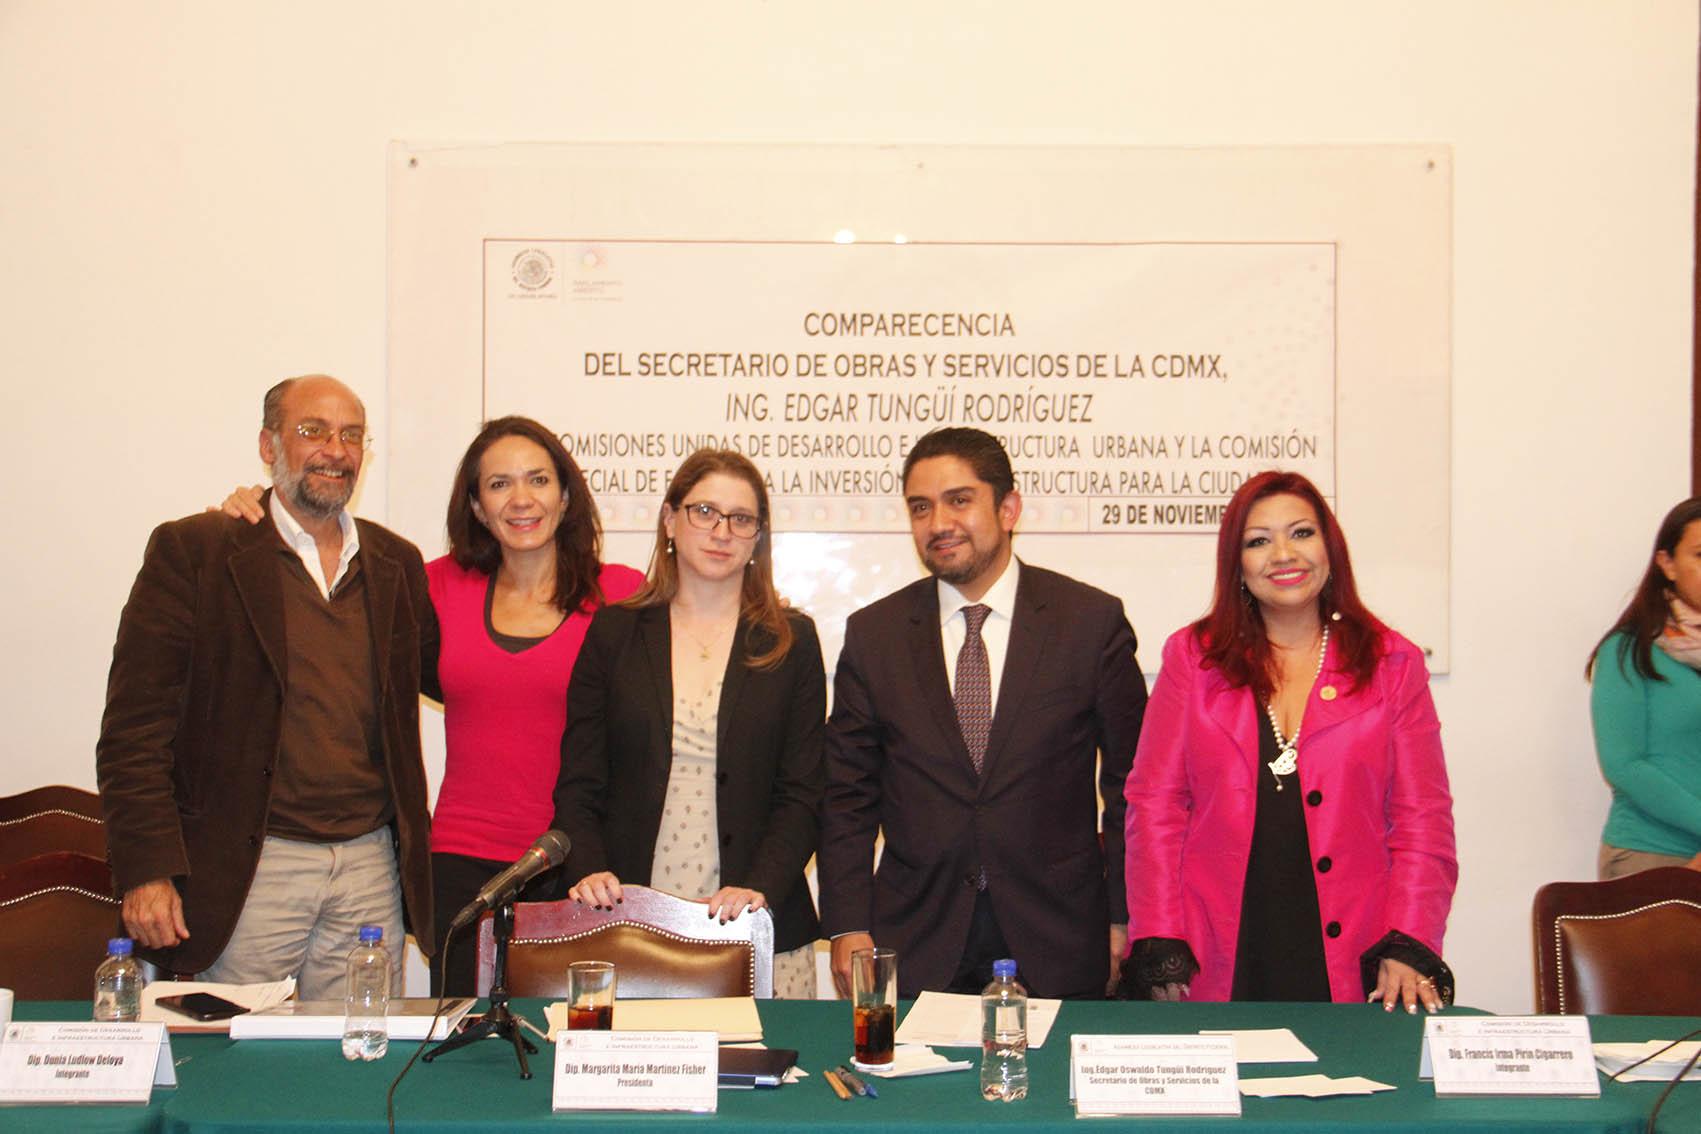 COMPARECENCIA SECRETARIO DE OBRAS Y SERVICIOS EN LA ALDF 11.JPG